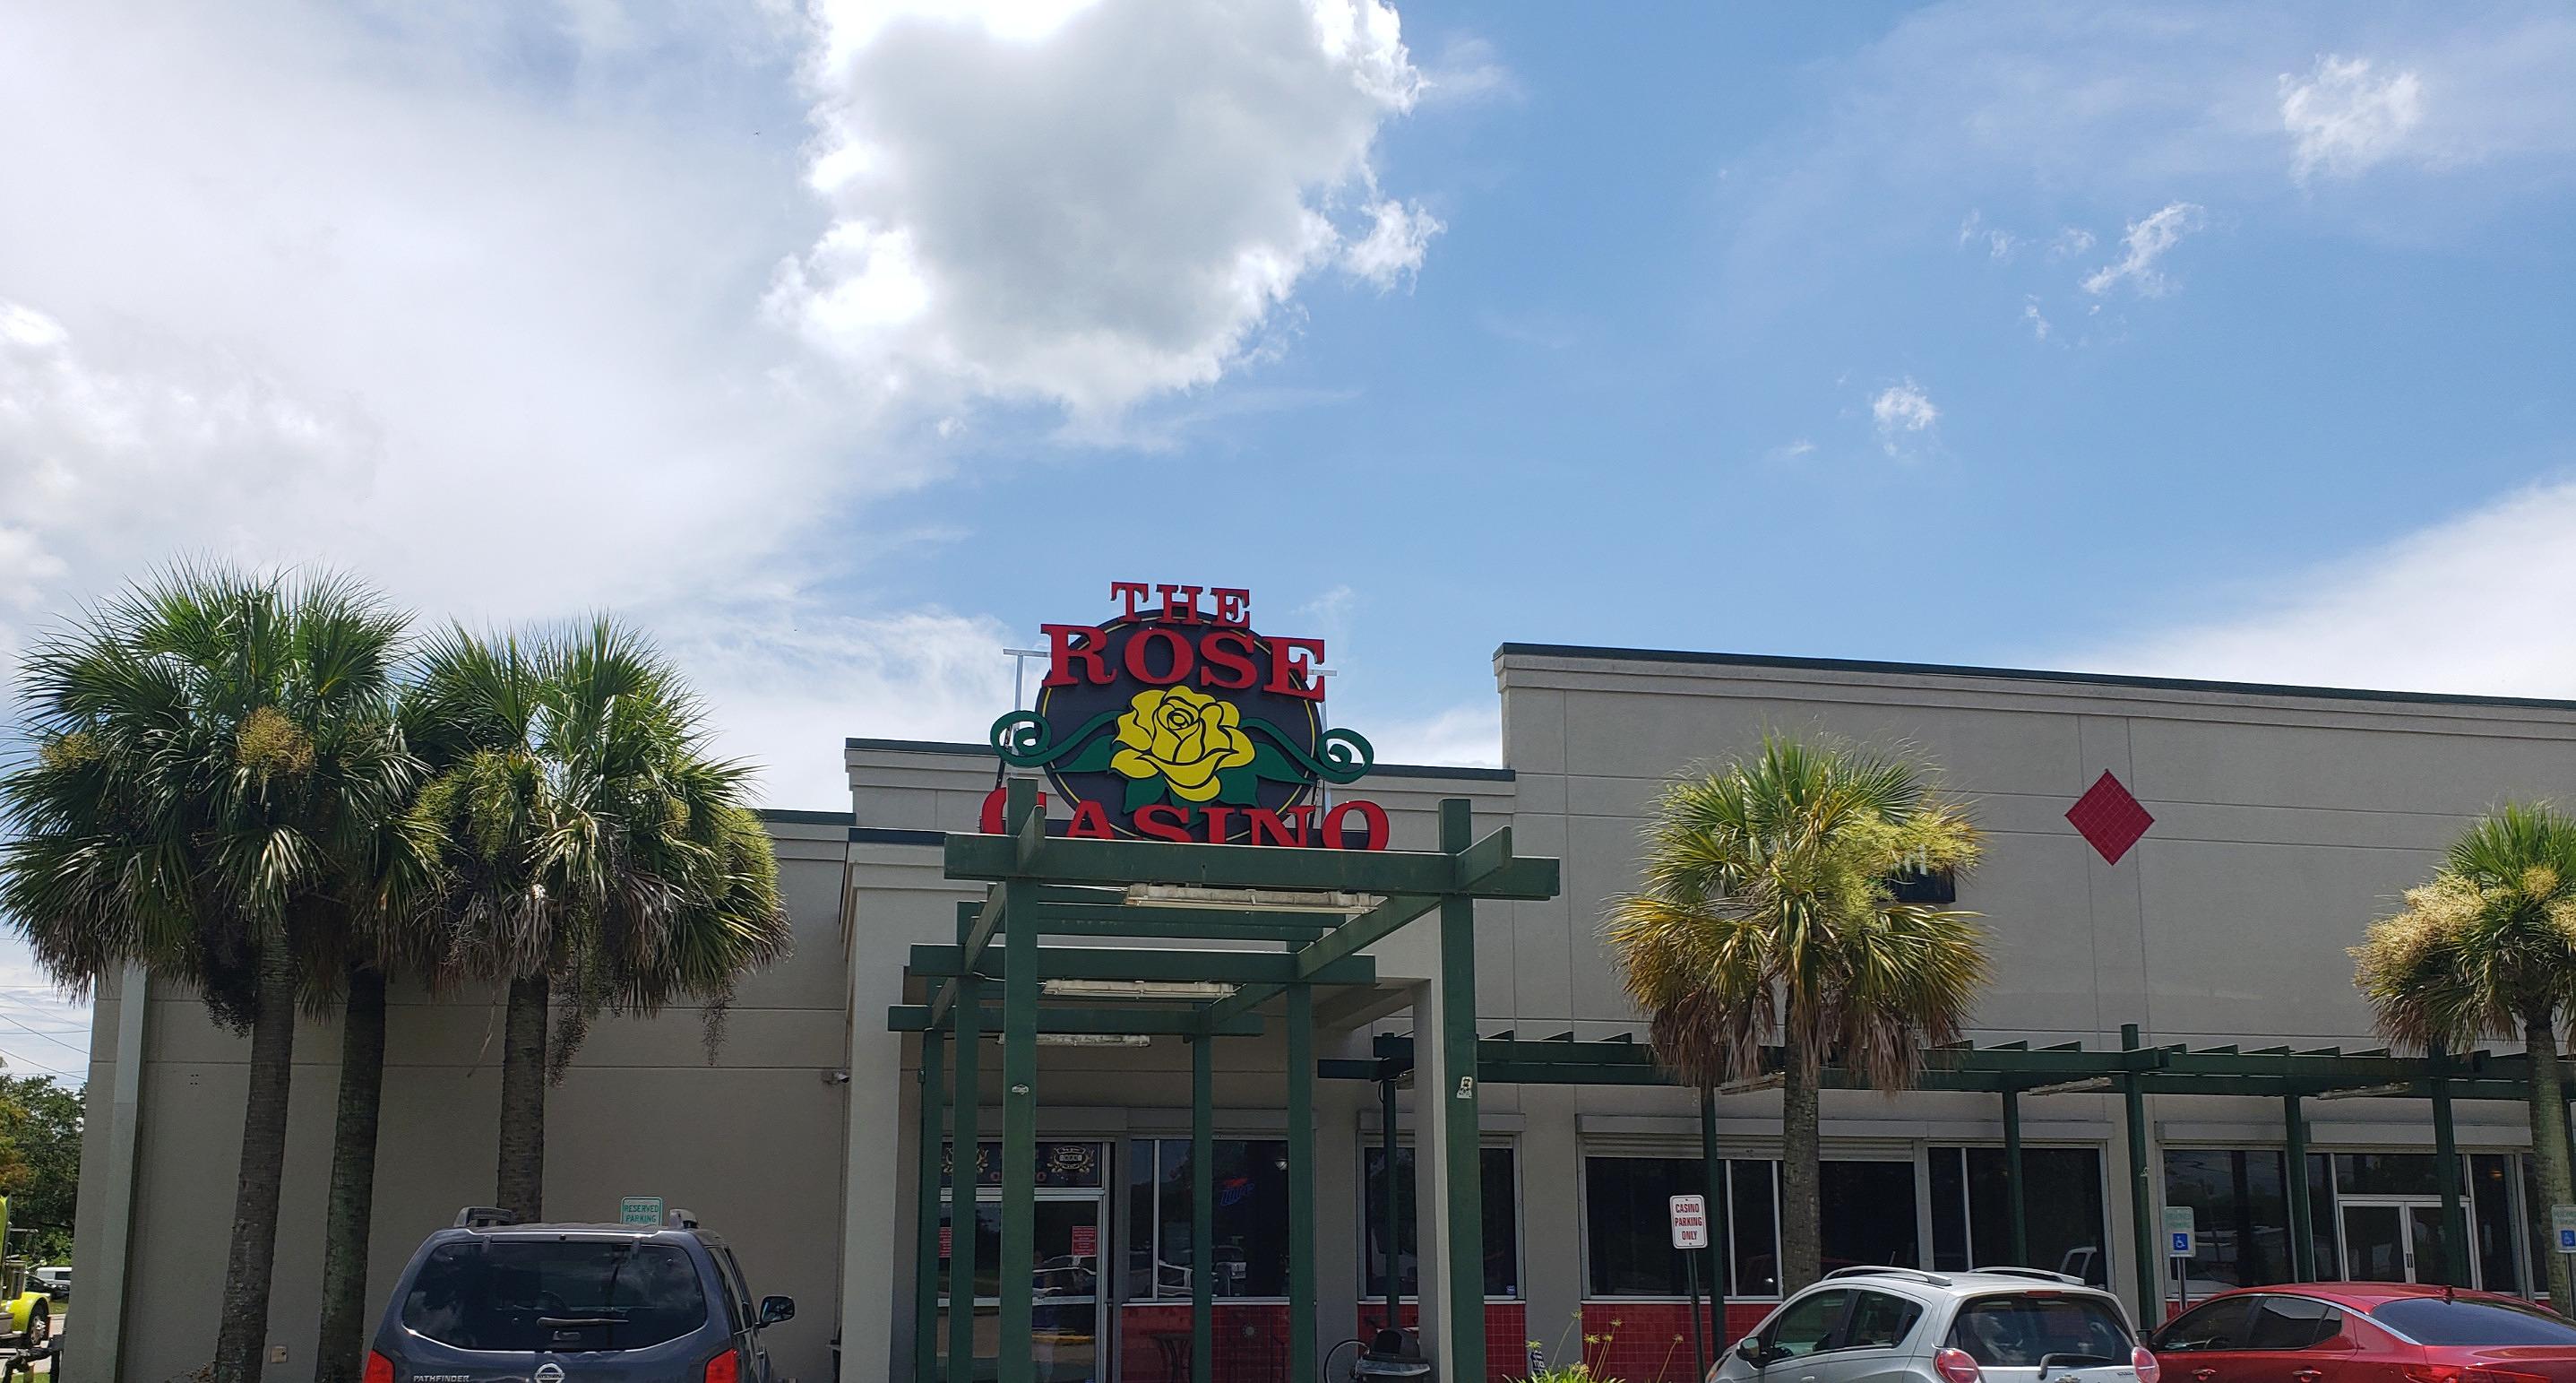 Rose Casino